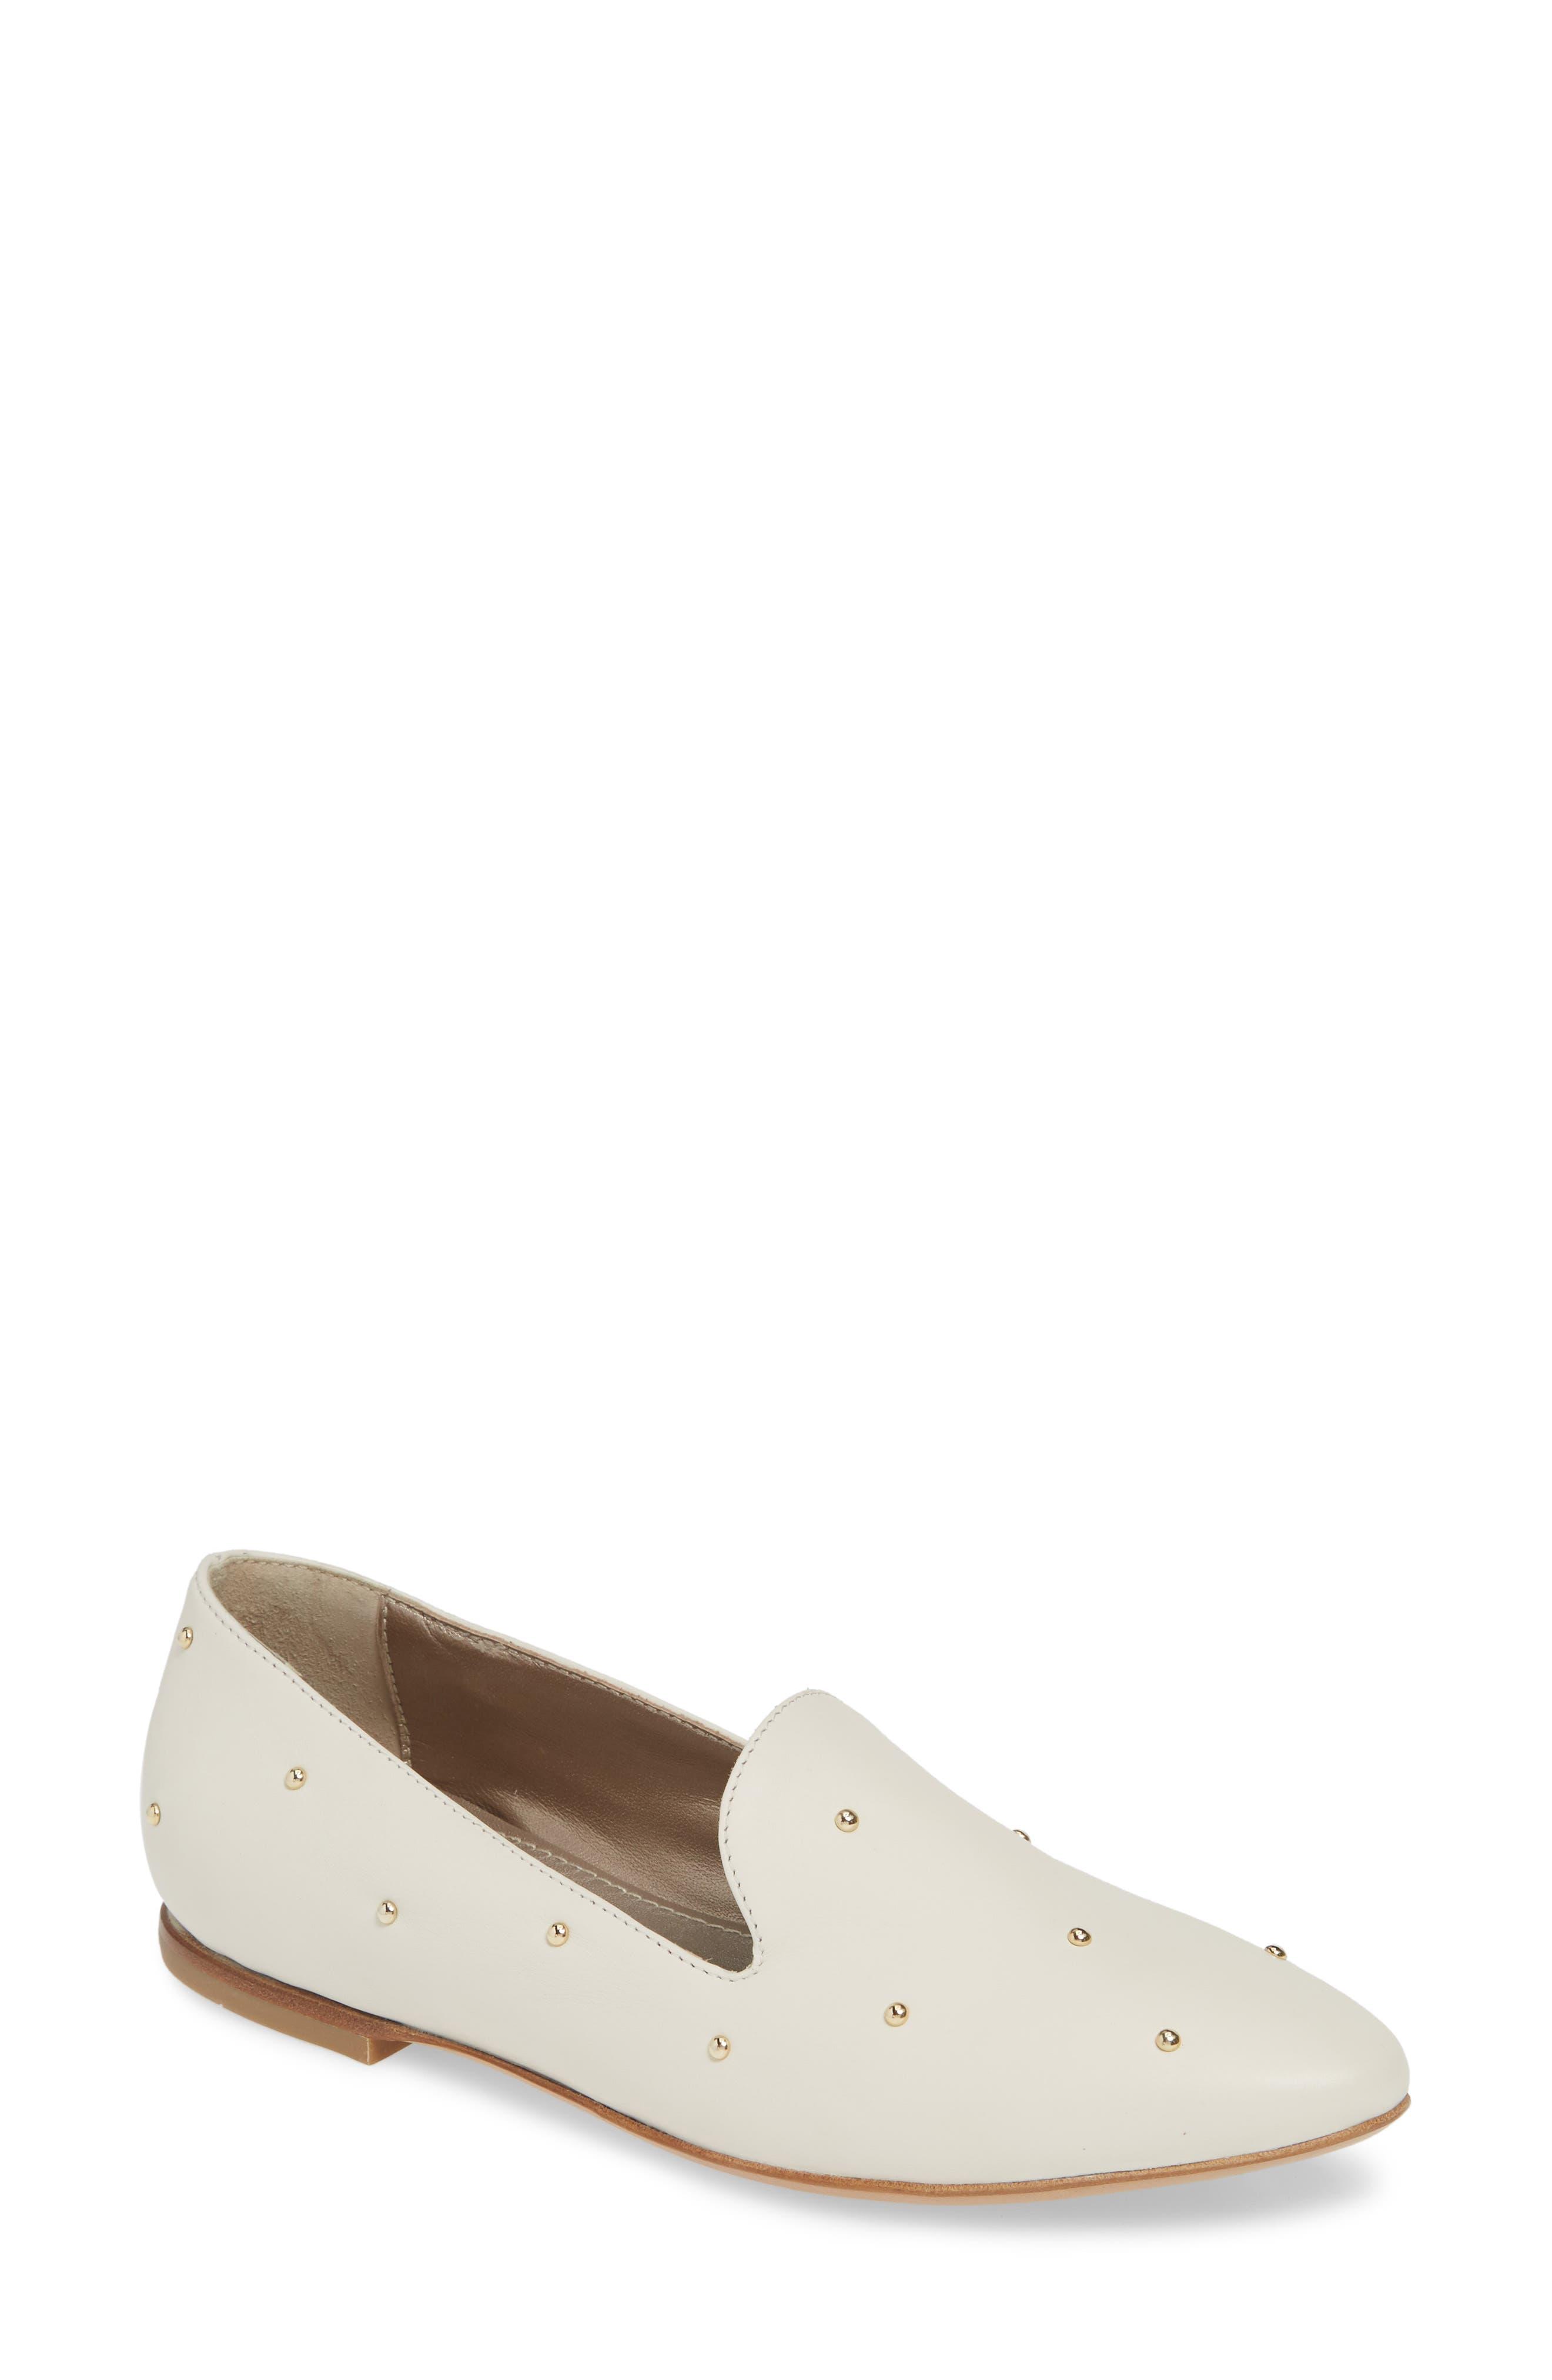 Agl Studded Loafer, Ivory